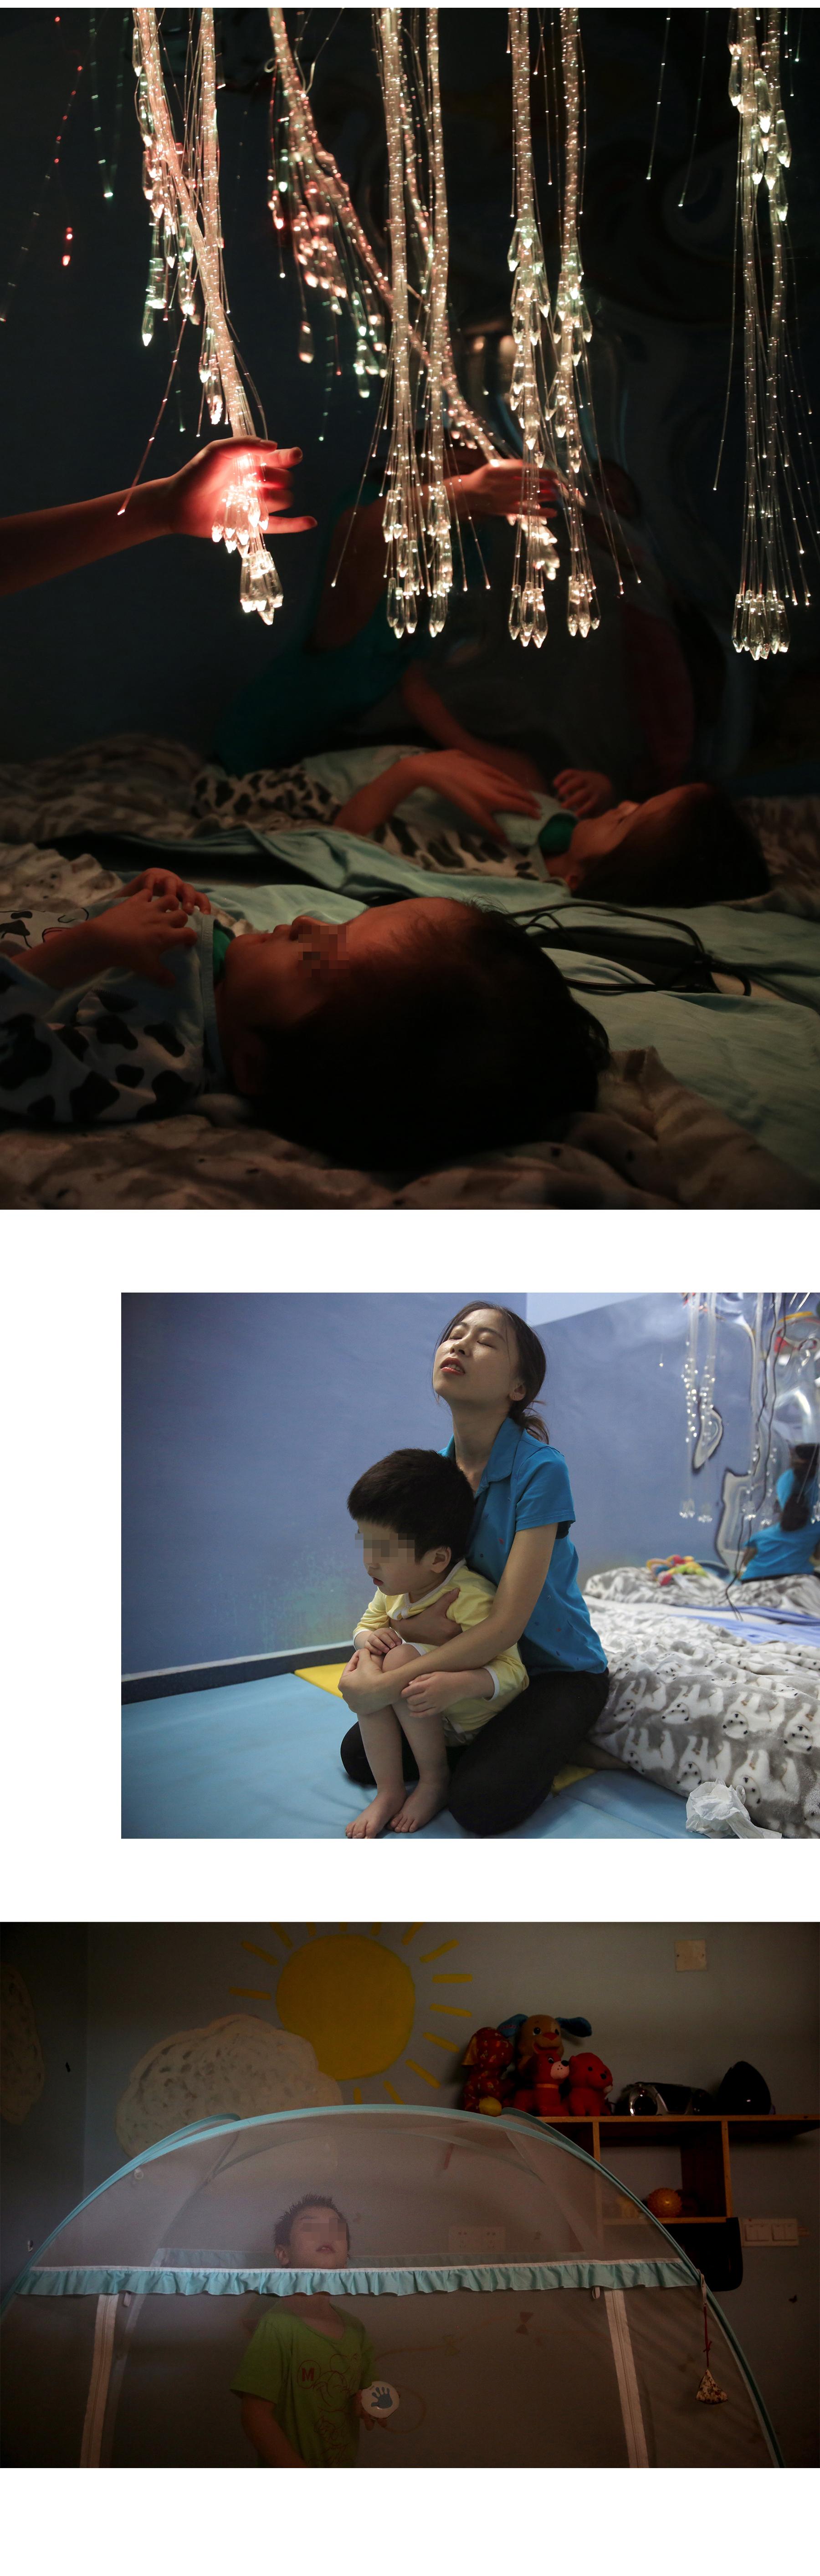 在人间 | 不一样的珍贵生命:这些接受临终关怀的孩子告诉我们生命的意义